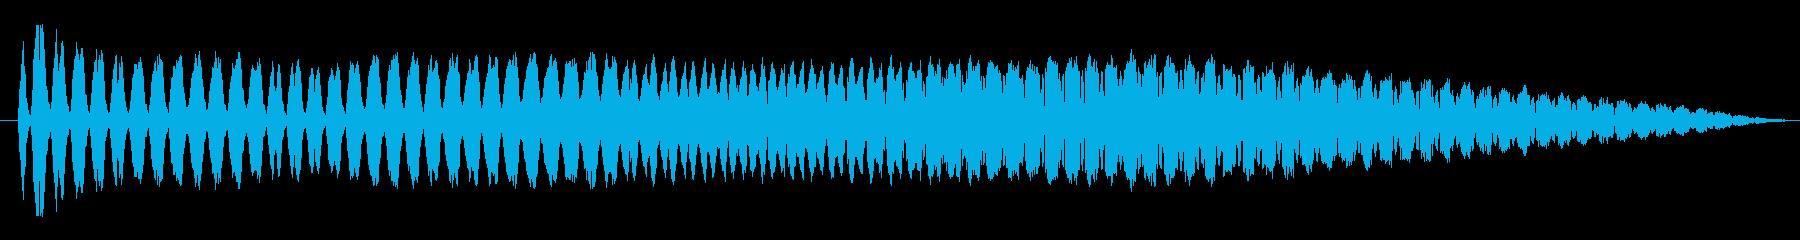 FX バブルチャージ02の再生済みの波形